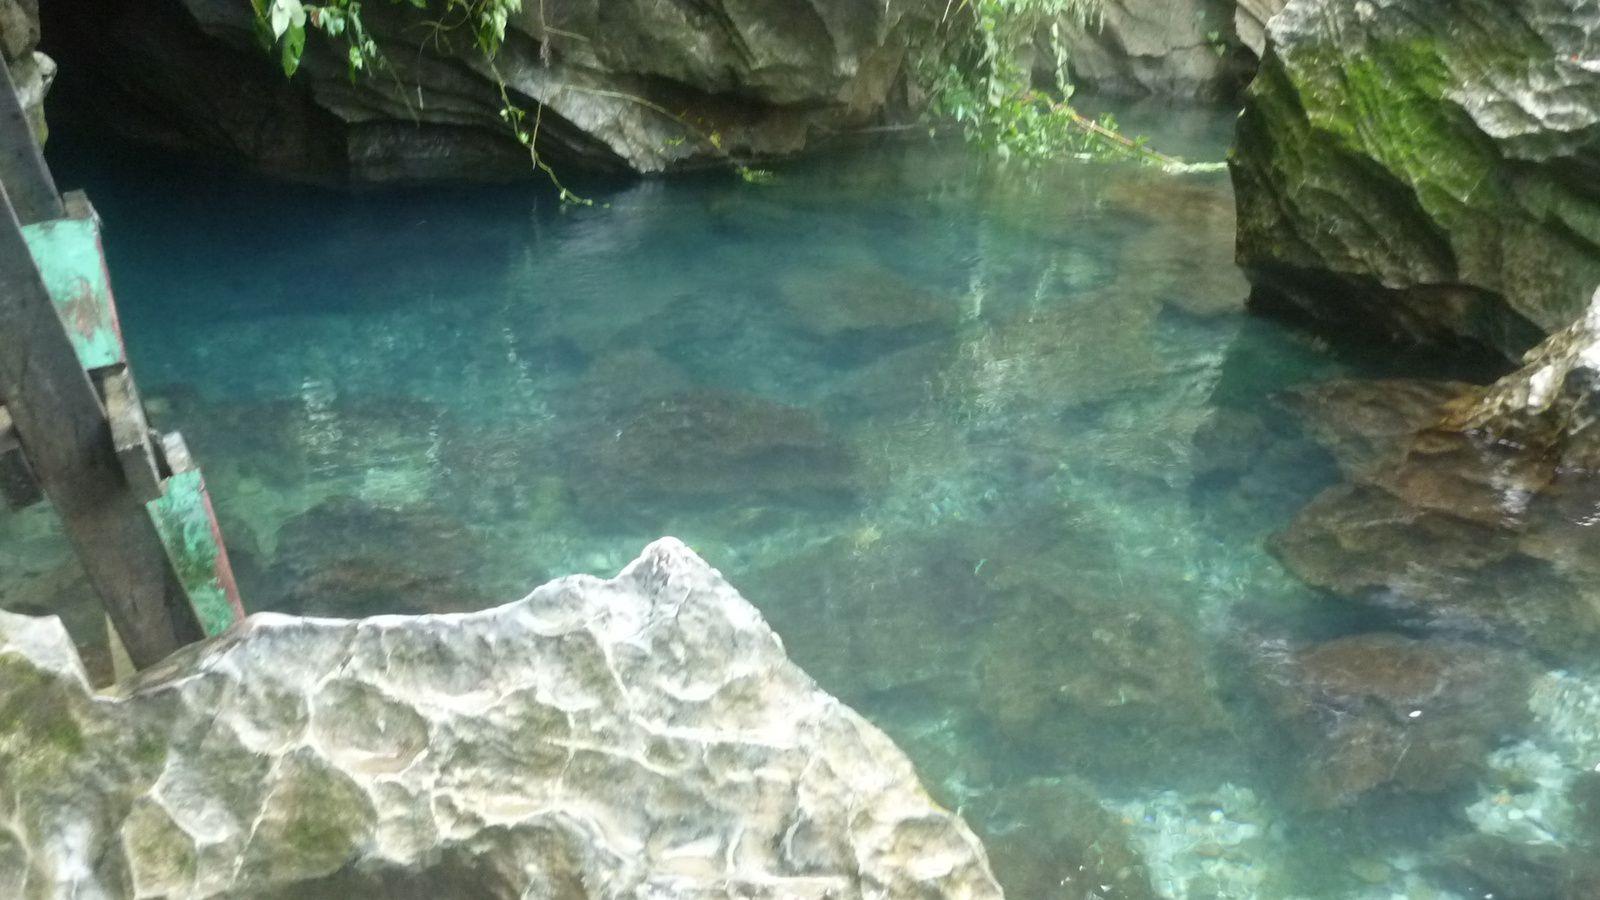 Autre lieu de détentes et de recueillements de nouveau des grottes  des espaces de détentes et un lieu sacré pour la baignade